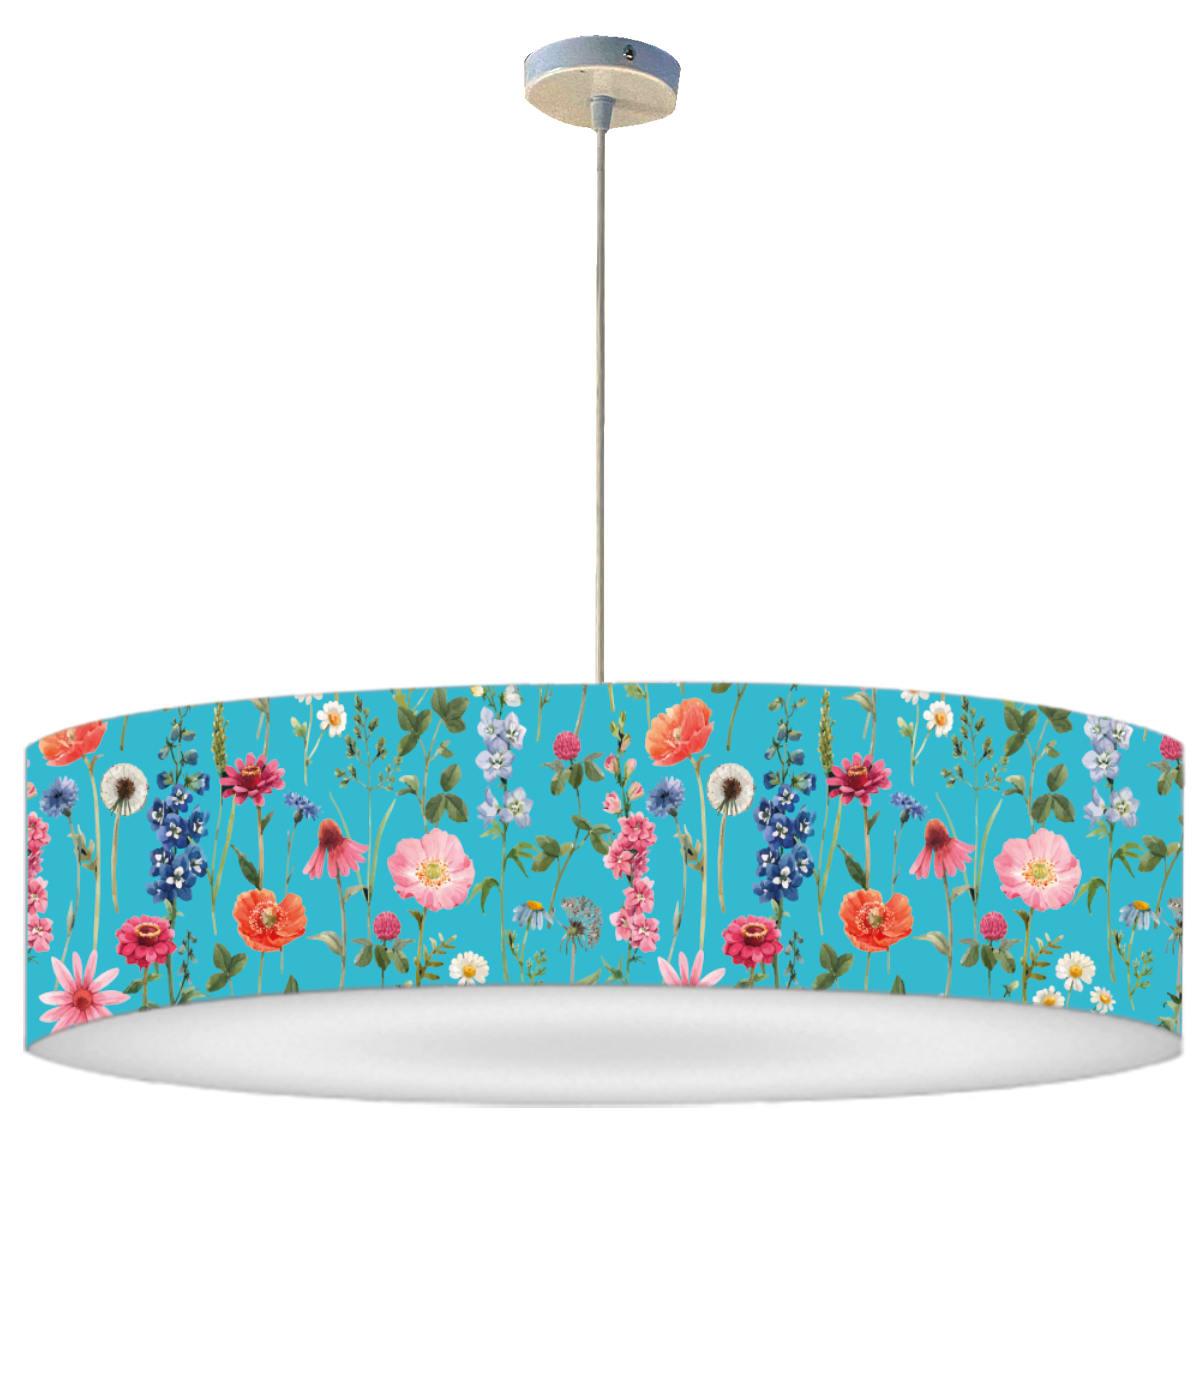 Suspension fleur bleue acidulée D 60 x H 30